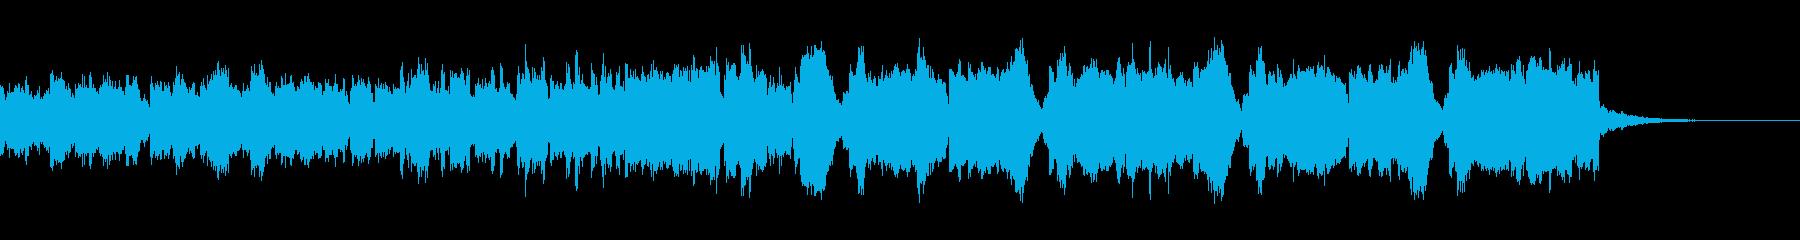 ぶっといベースが特徴的な変則ビートの再生済みの波形